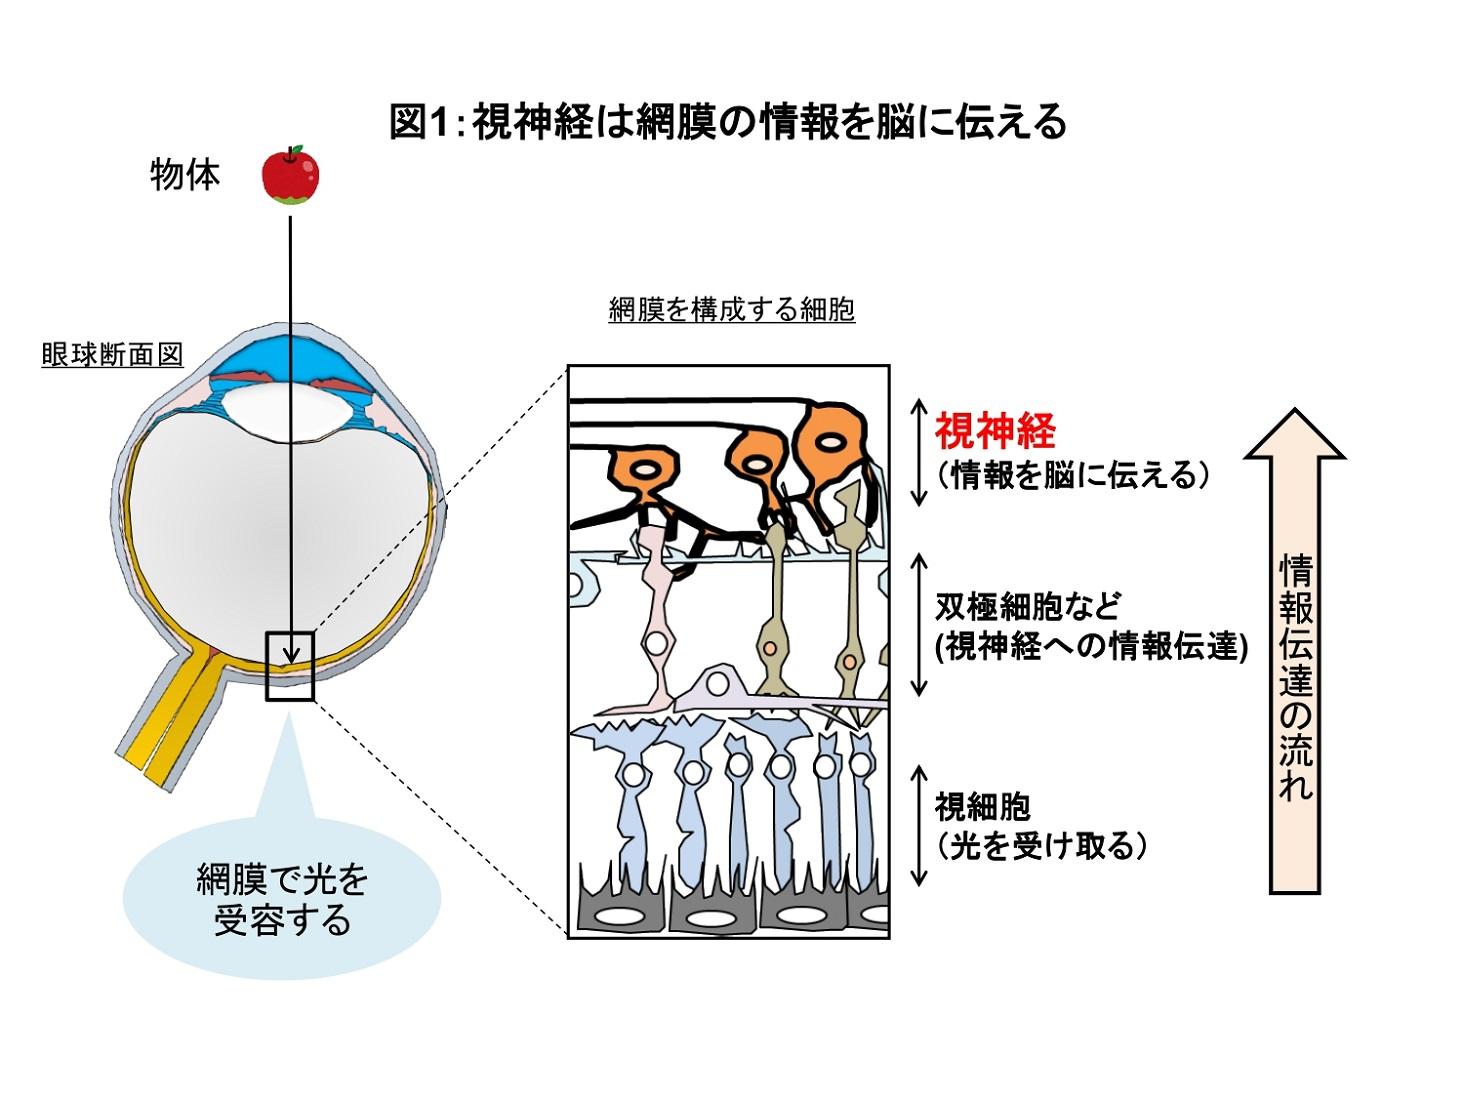 視神経の働きを説明した図